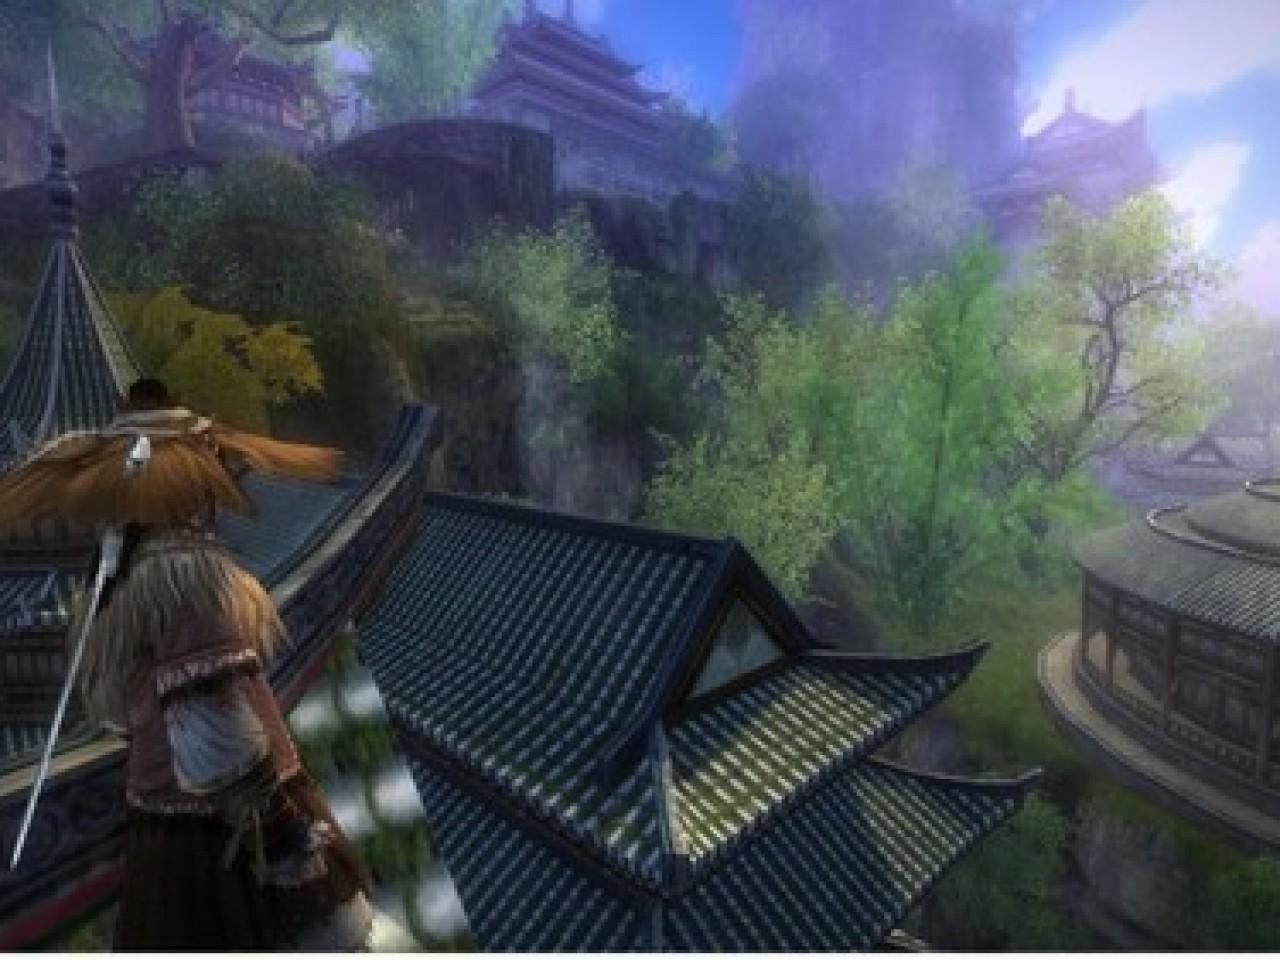 เปิดยุทธจักร 9Yin เกมส์ออนไลน์กำลังภายใน พร้อมให้ทดสอบ Alpha Test 14 มิ.ย.